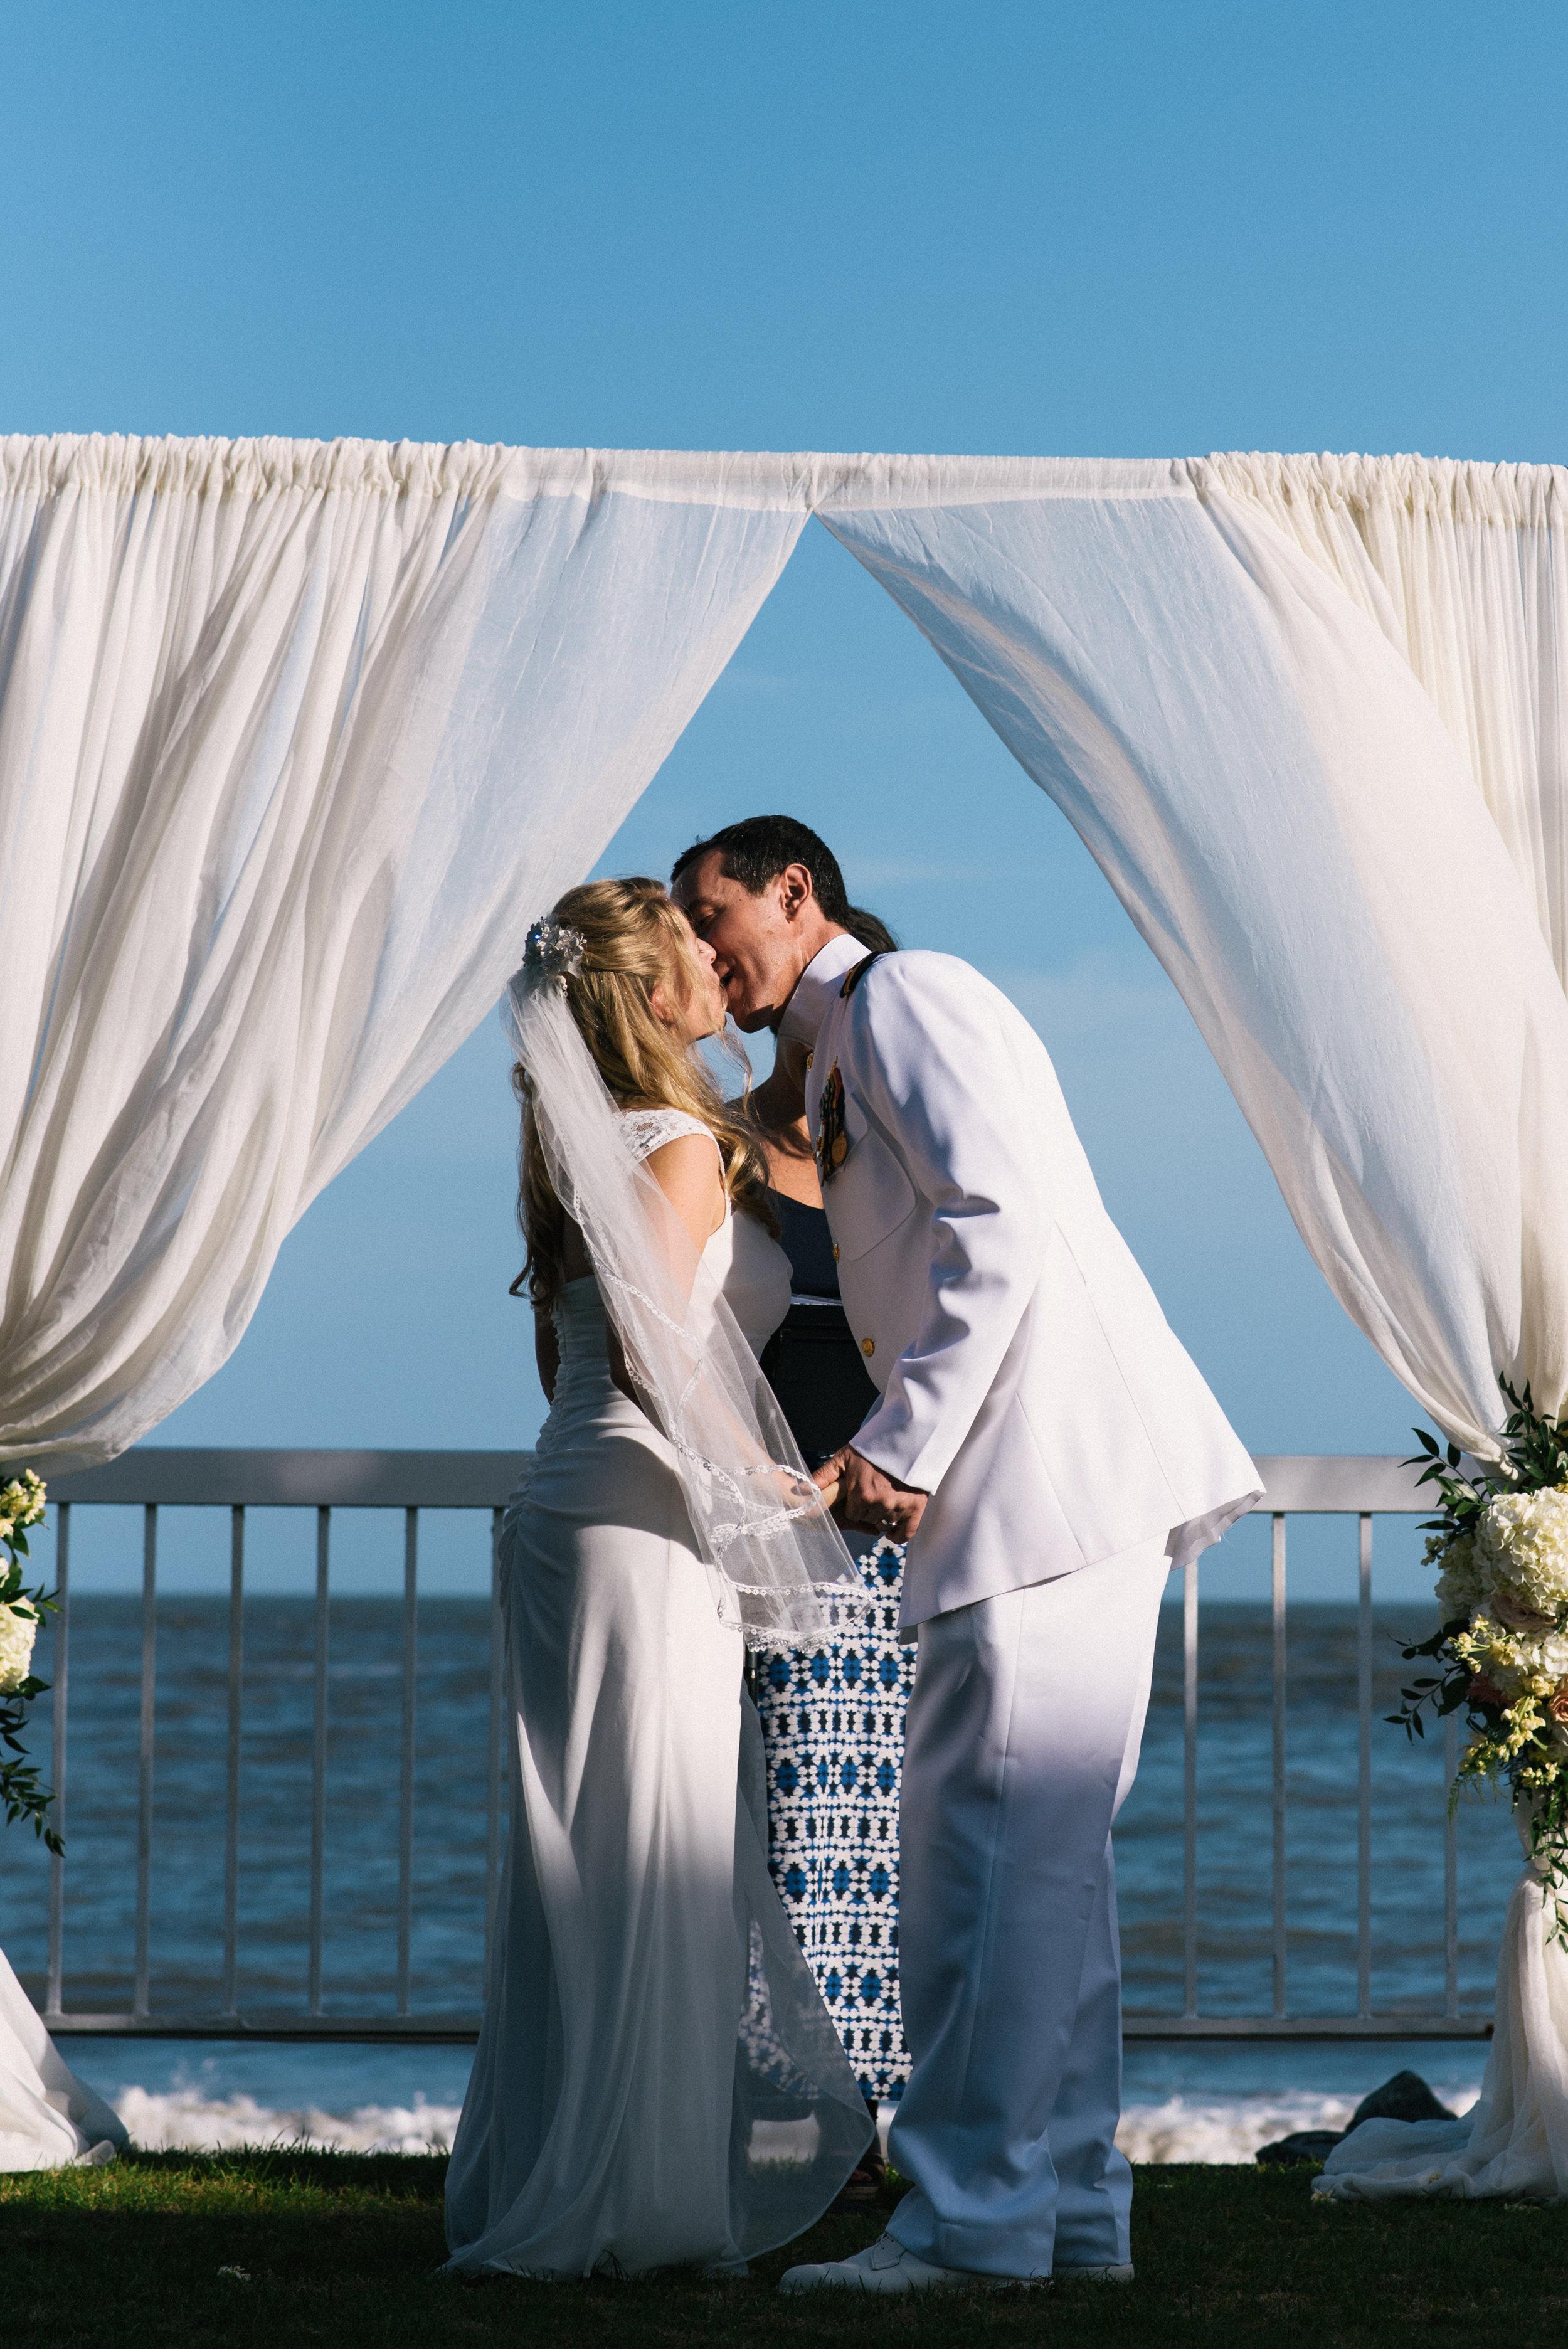 st-simons-island-elopement-photographer-savannah-elopement-photography-savannah-georgia-elopement-photographer-savannah-wedding-photographer-meg-hill-photo-jade-hill- (36 of 72).jpg